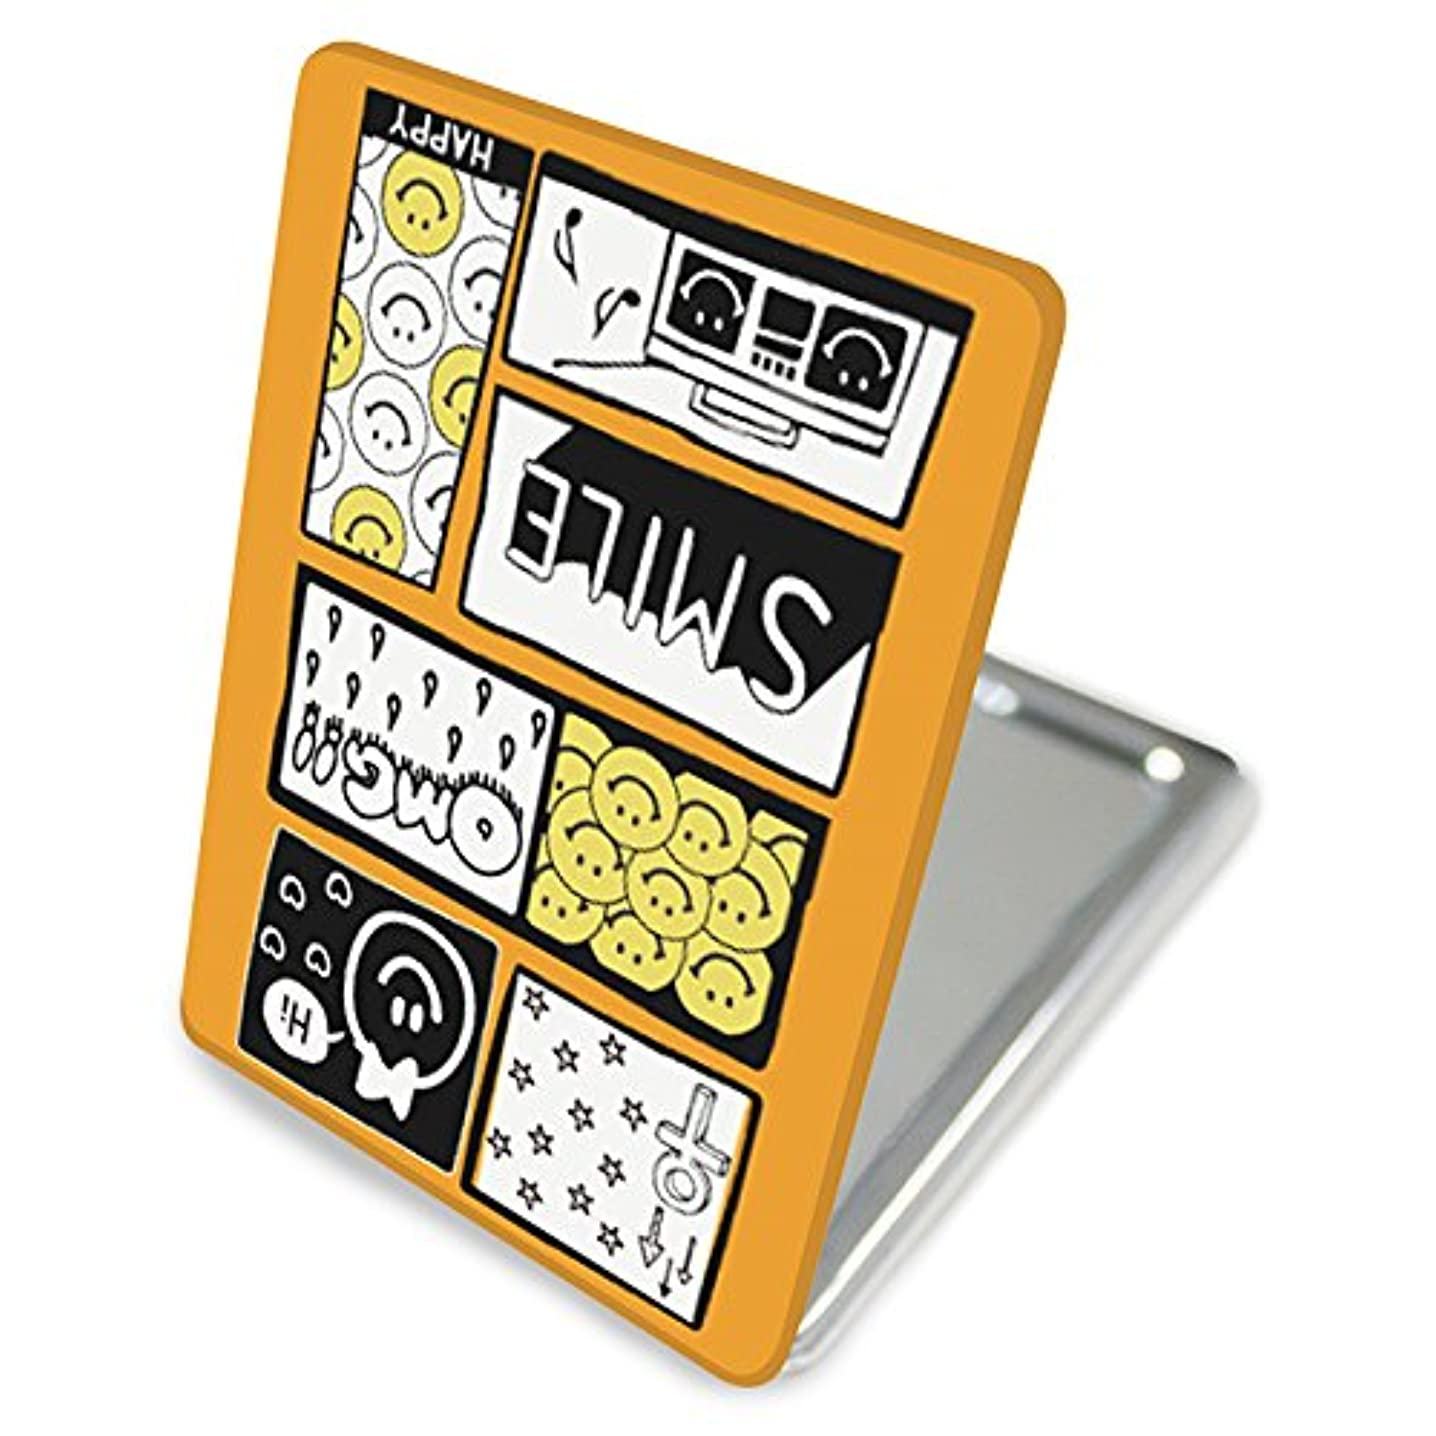 彼女すり討論(カリーナ) Carine 手鏡 コンパクトミラー ハンドミラー 拡大鏡付 持ち歩きに便利 かわいい kgm010(E) スマイル ポップ デザイン ニコちゃん